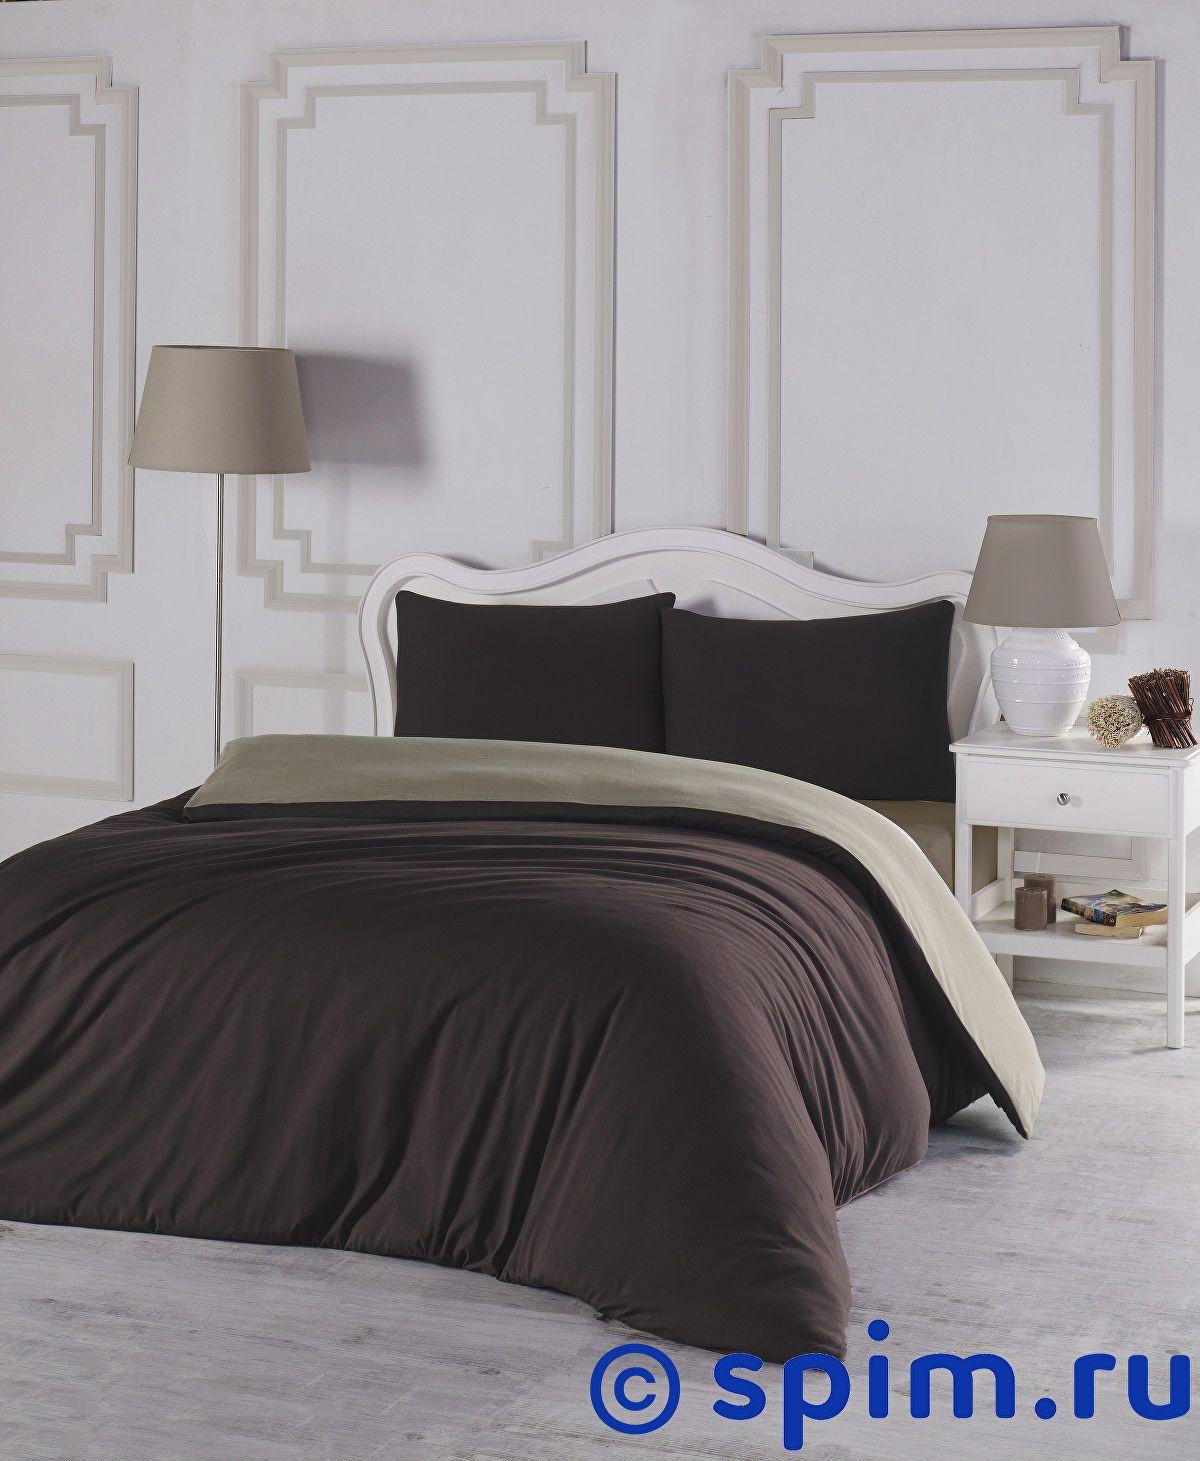 Купить Постельное белье Karna Sofa коричневый-бежевый Евро-стандарт